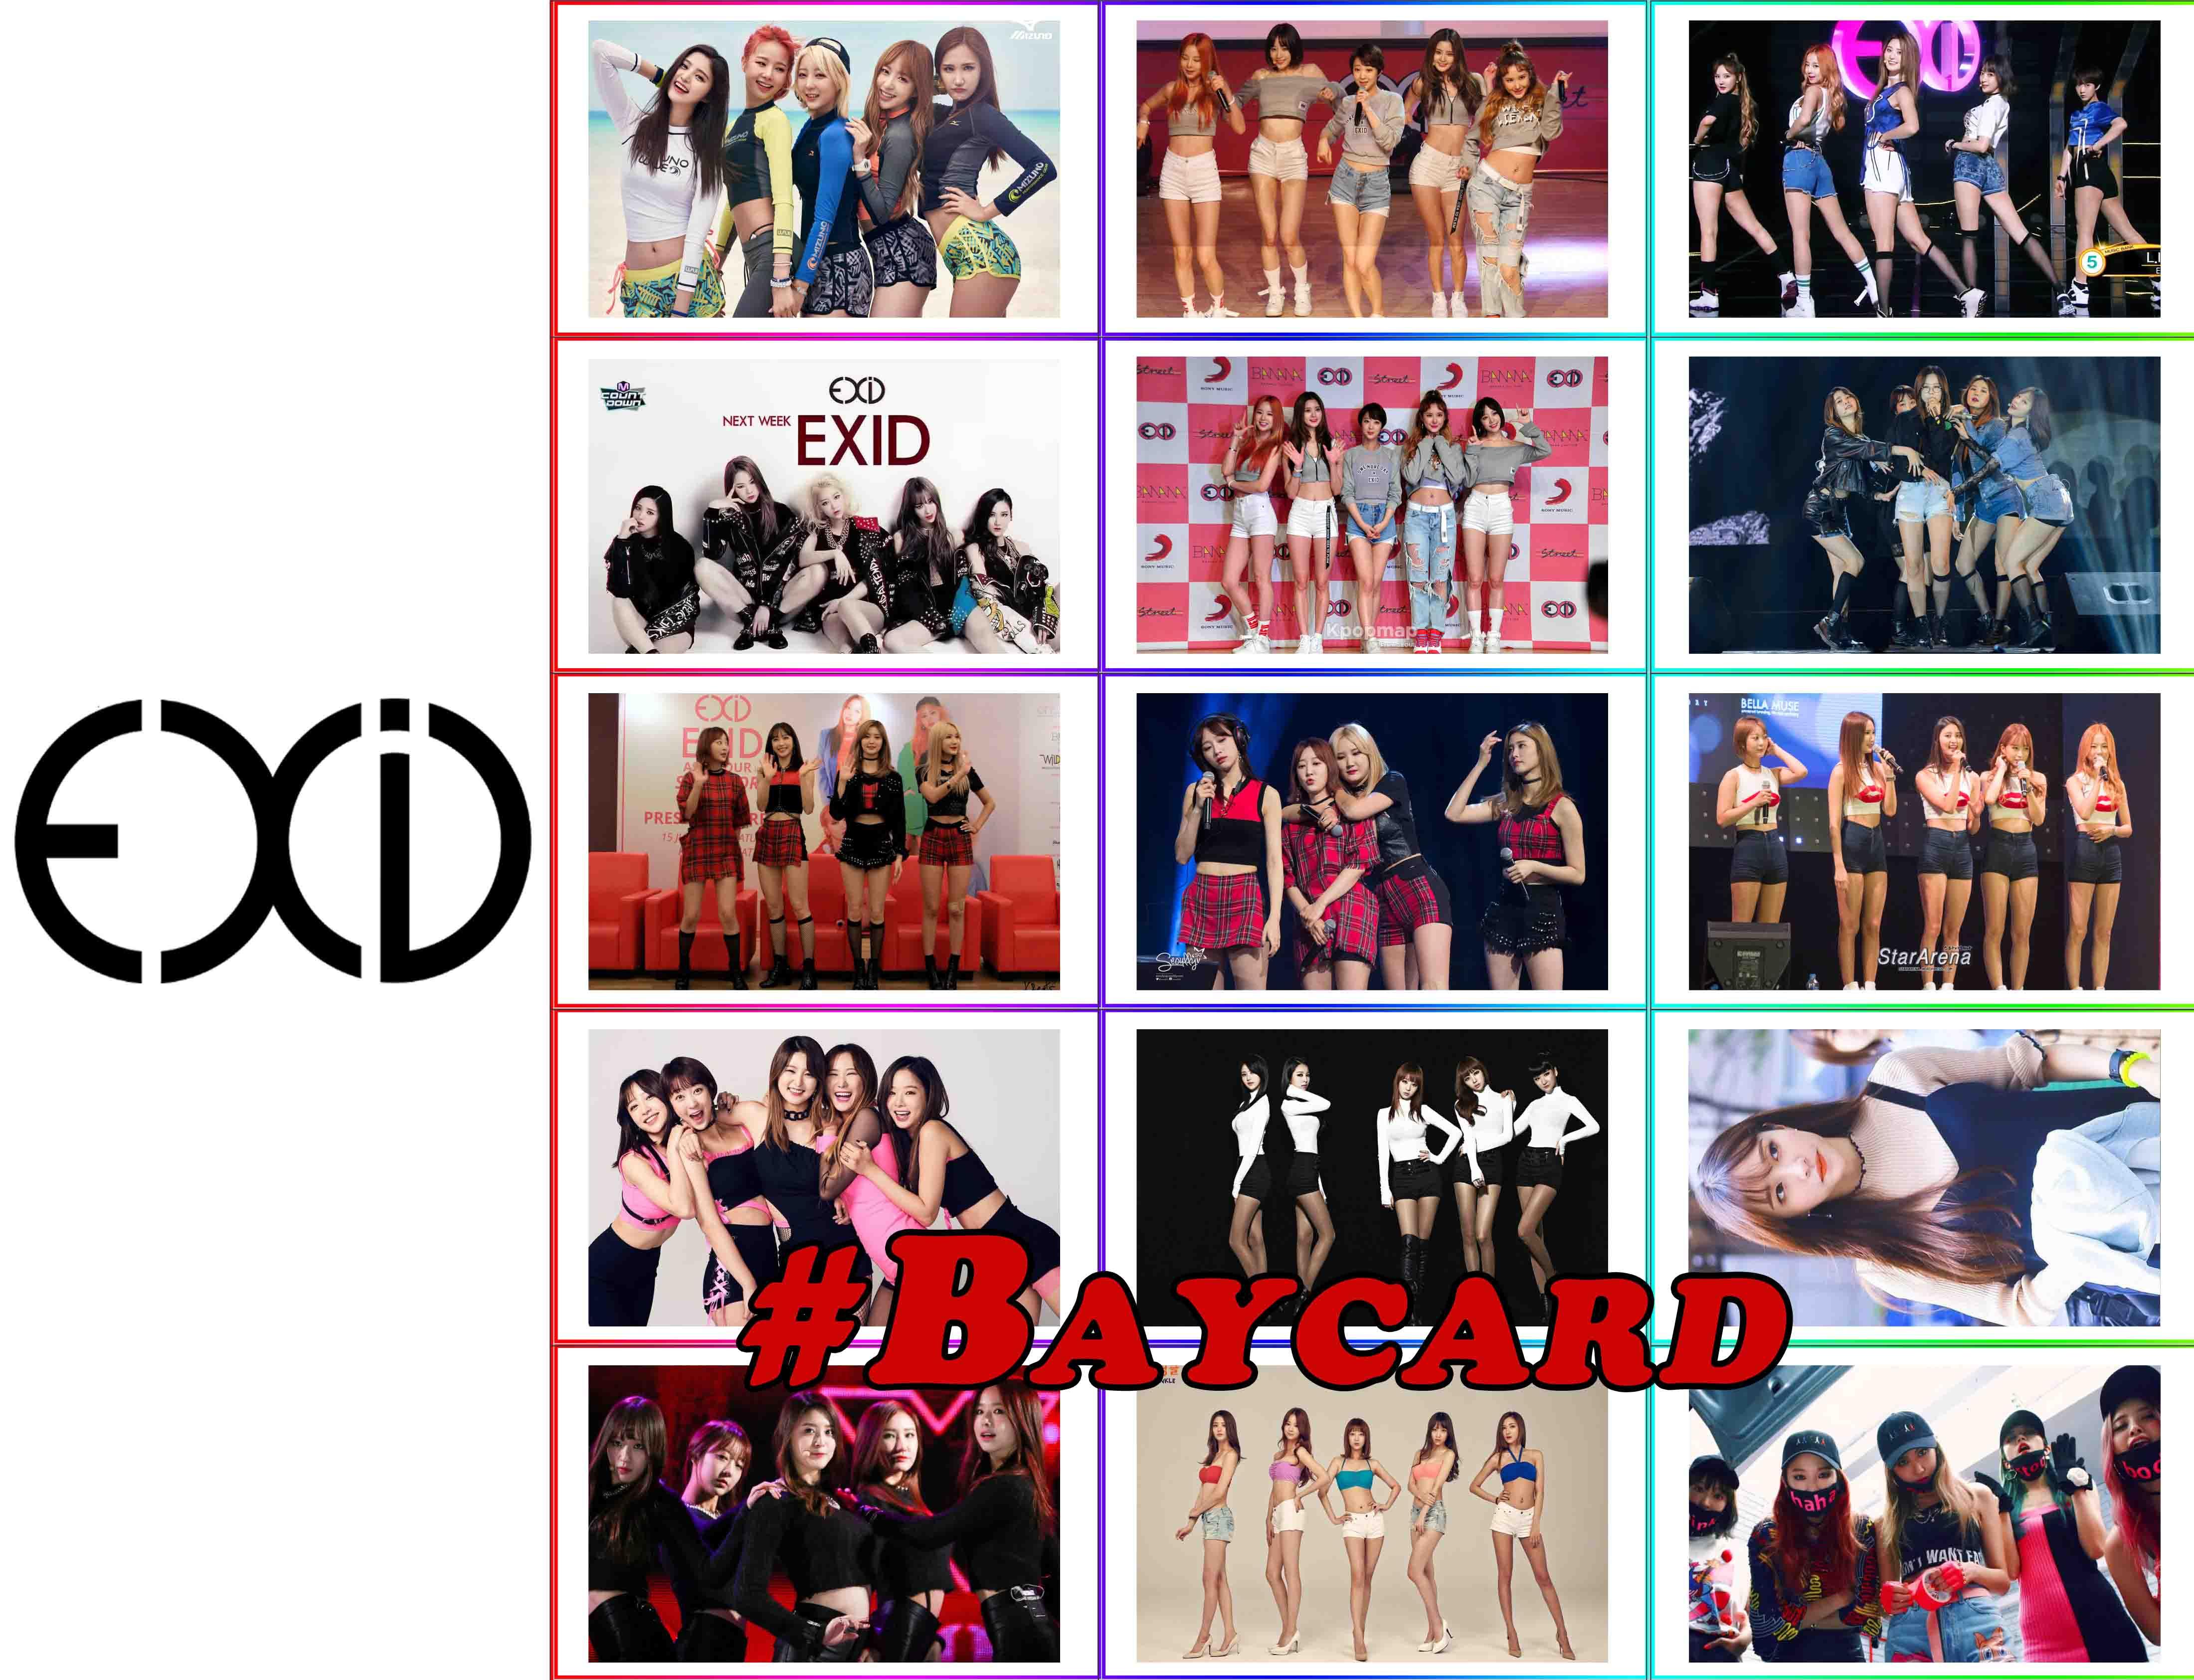 EXID - Baycard EXID đủ chủng loại, có 19 bộ khác nhau